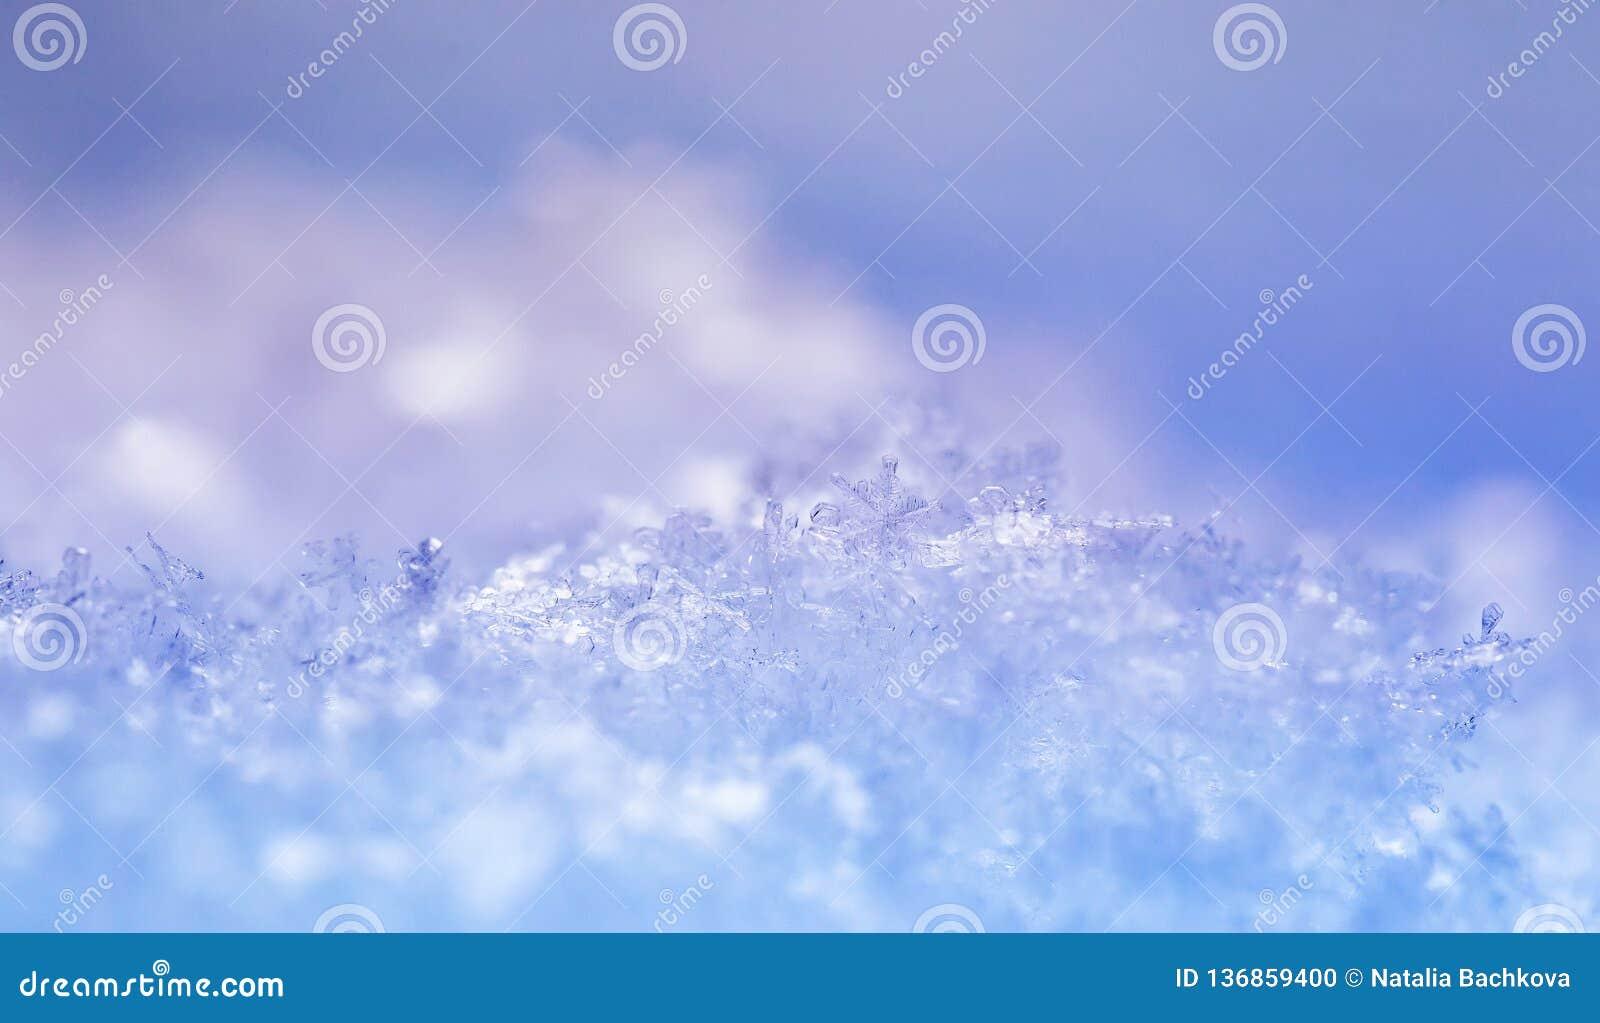 Naturligt skimrar många kristaller av snöflingor av olik former och textur på solen på en klar vinterdag mot en blå himmel